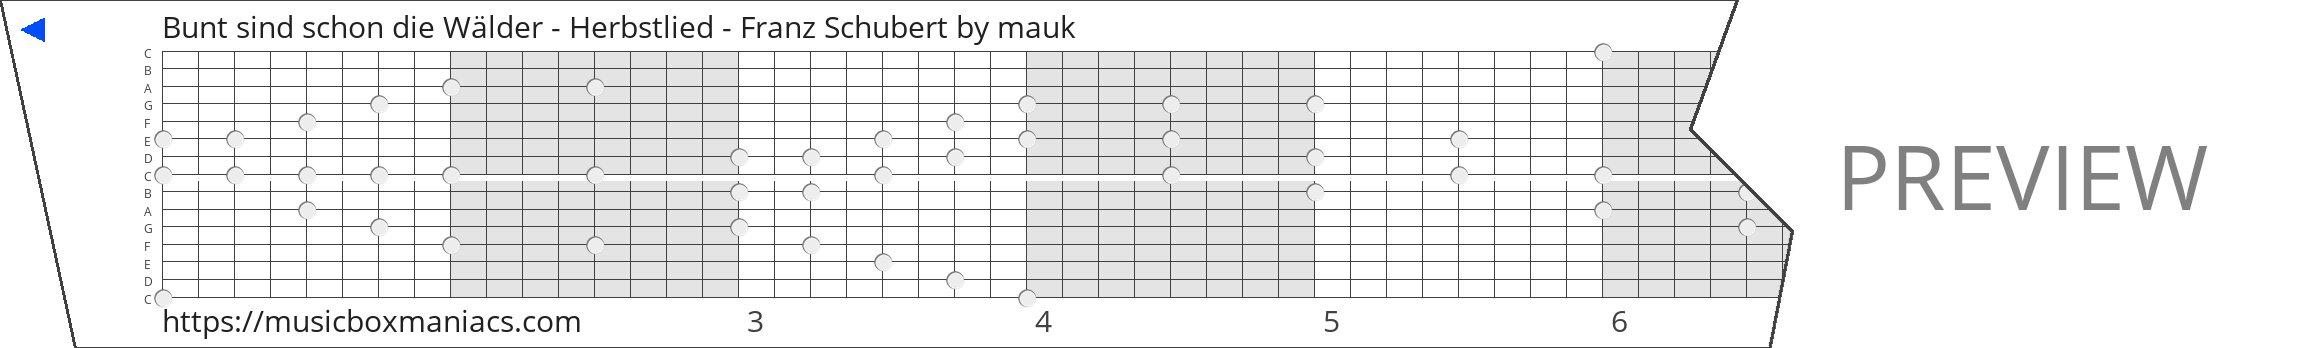 Bunt sind schon die Wälder - Herbstlied - Franz Schubert 15 note music box paper strip